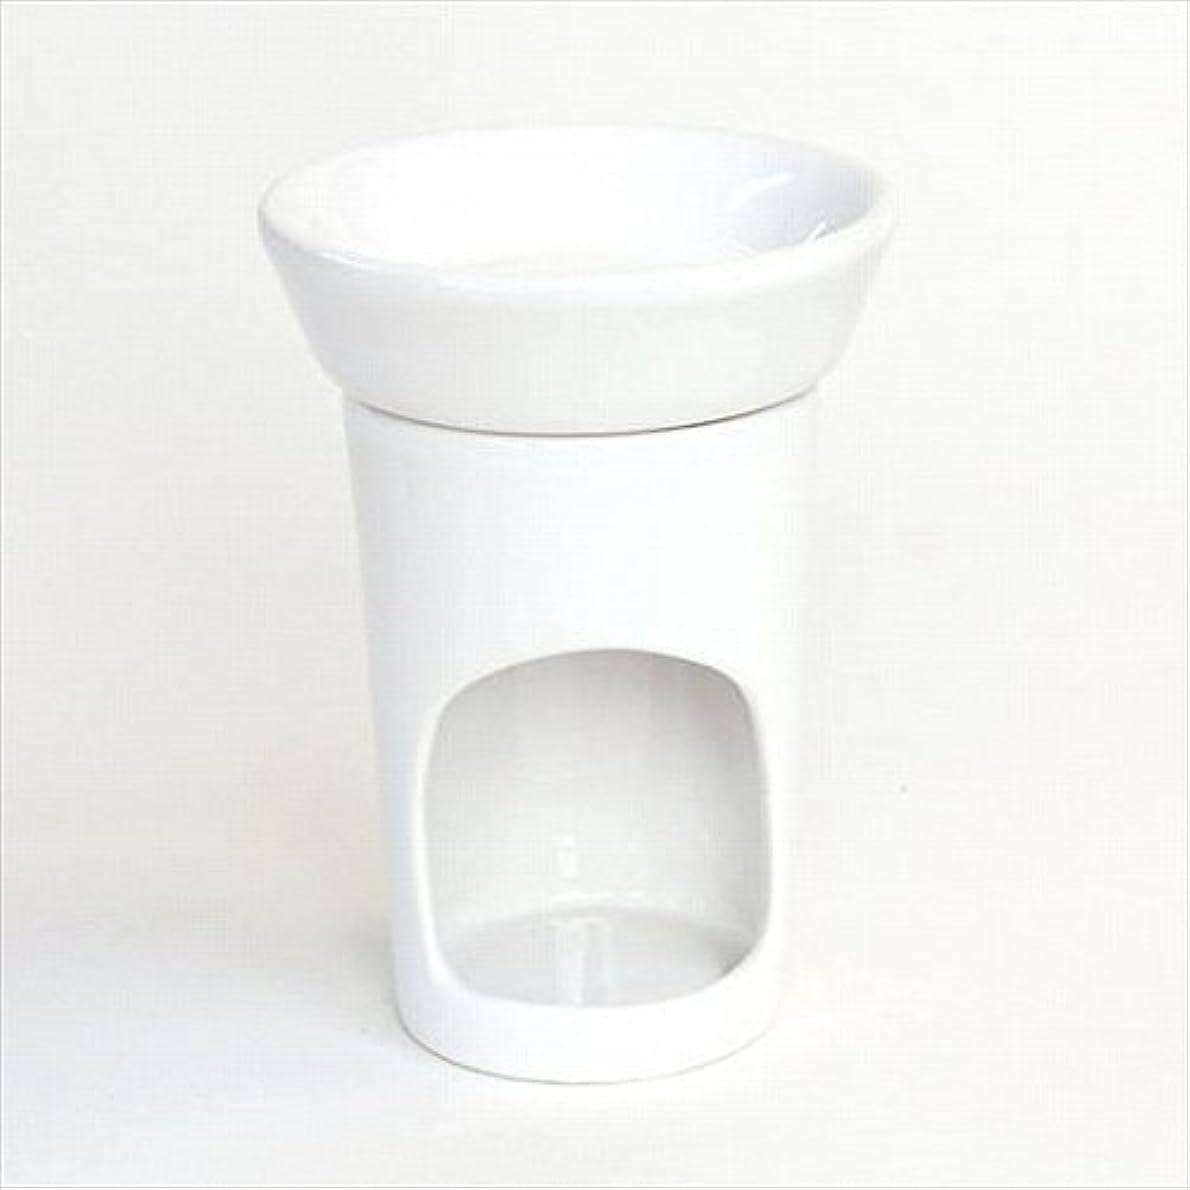 近似刃割れ目kameyama candle(カメヤマキャンドル) ブランタルトウォーマー キャンドル 78x78x116mm (J5250000)